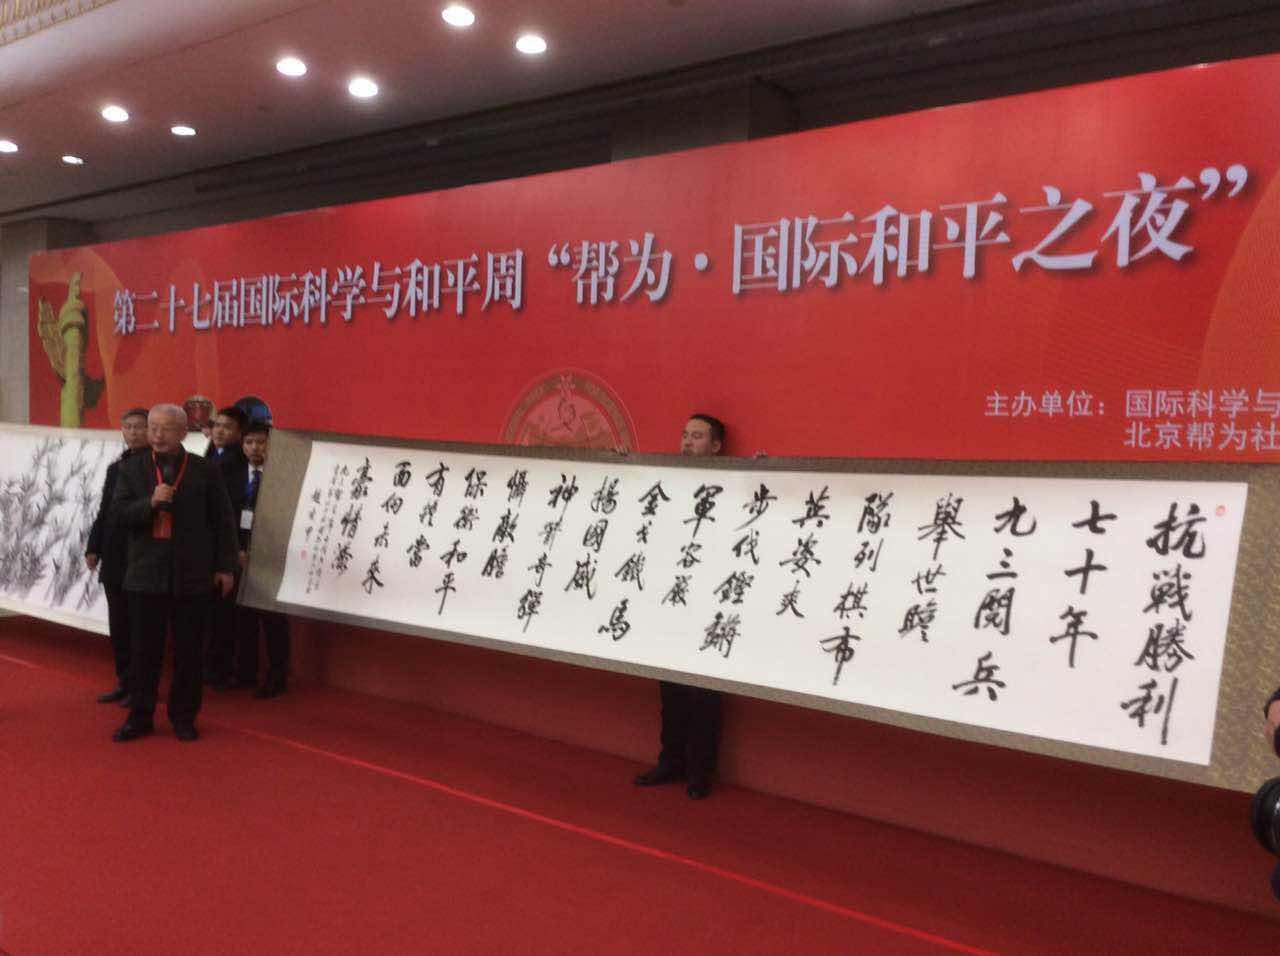 赵连甲向国际和平周捐书法力作引社会好评